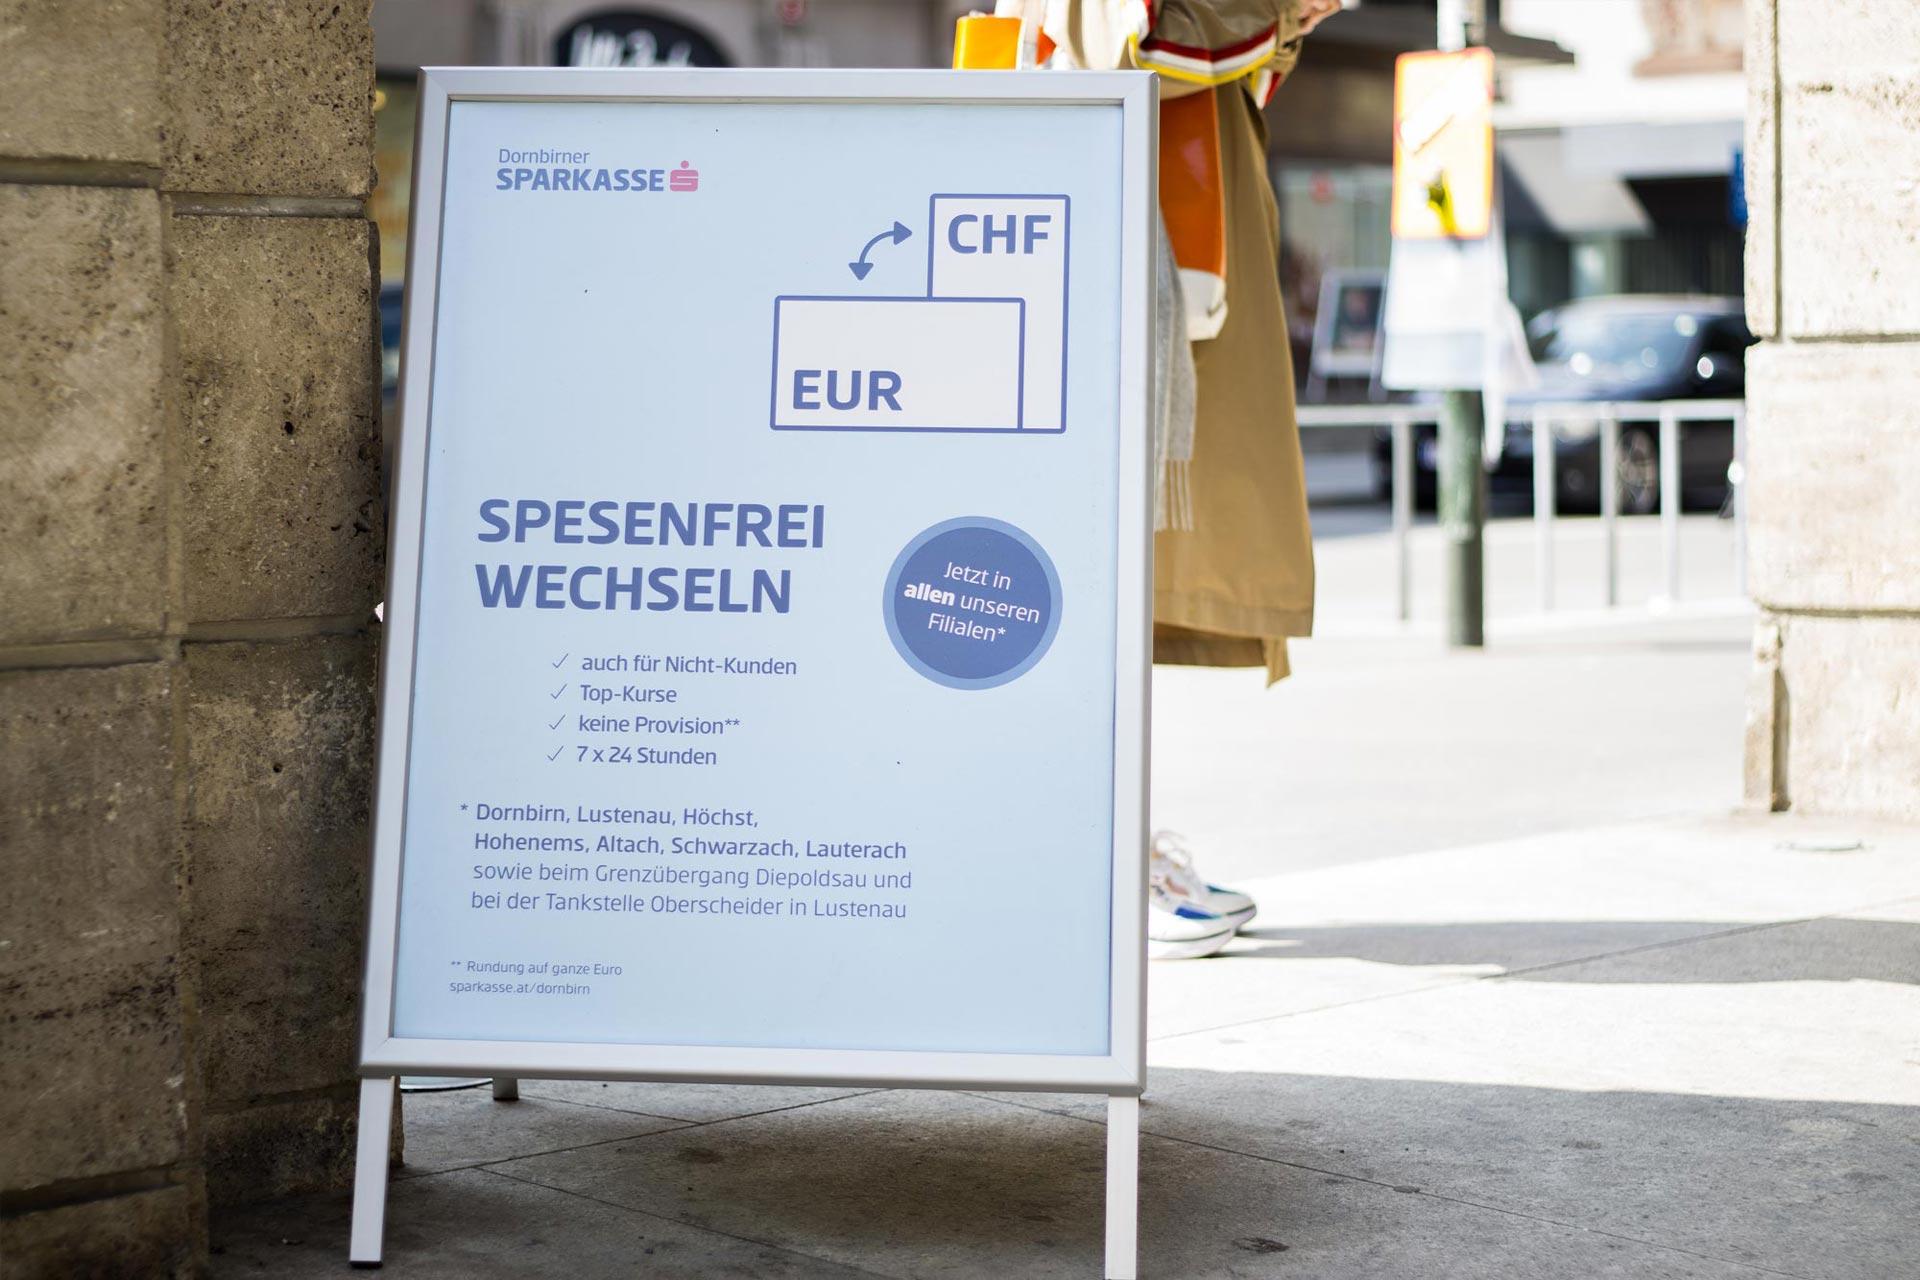 Plakat für die Wechselautomaten der Dornbirner Sparkasse – von Bernhard Hafele